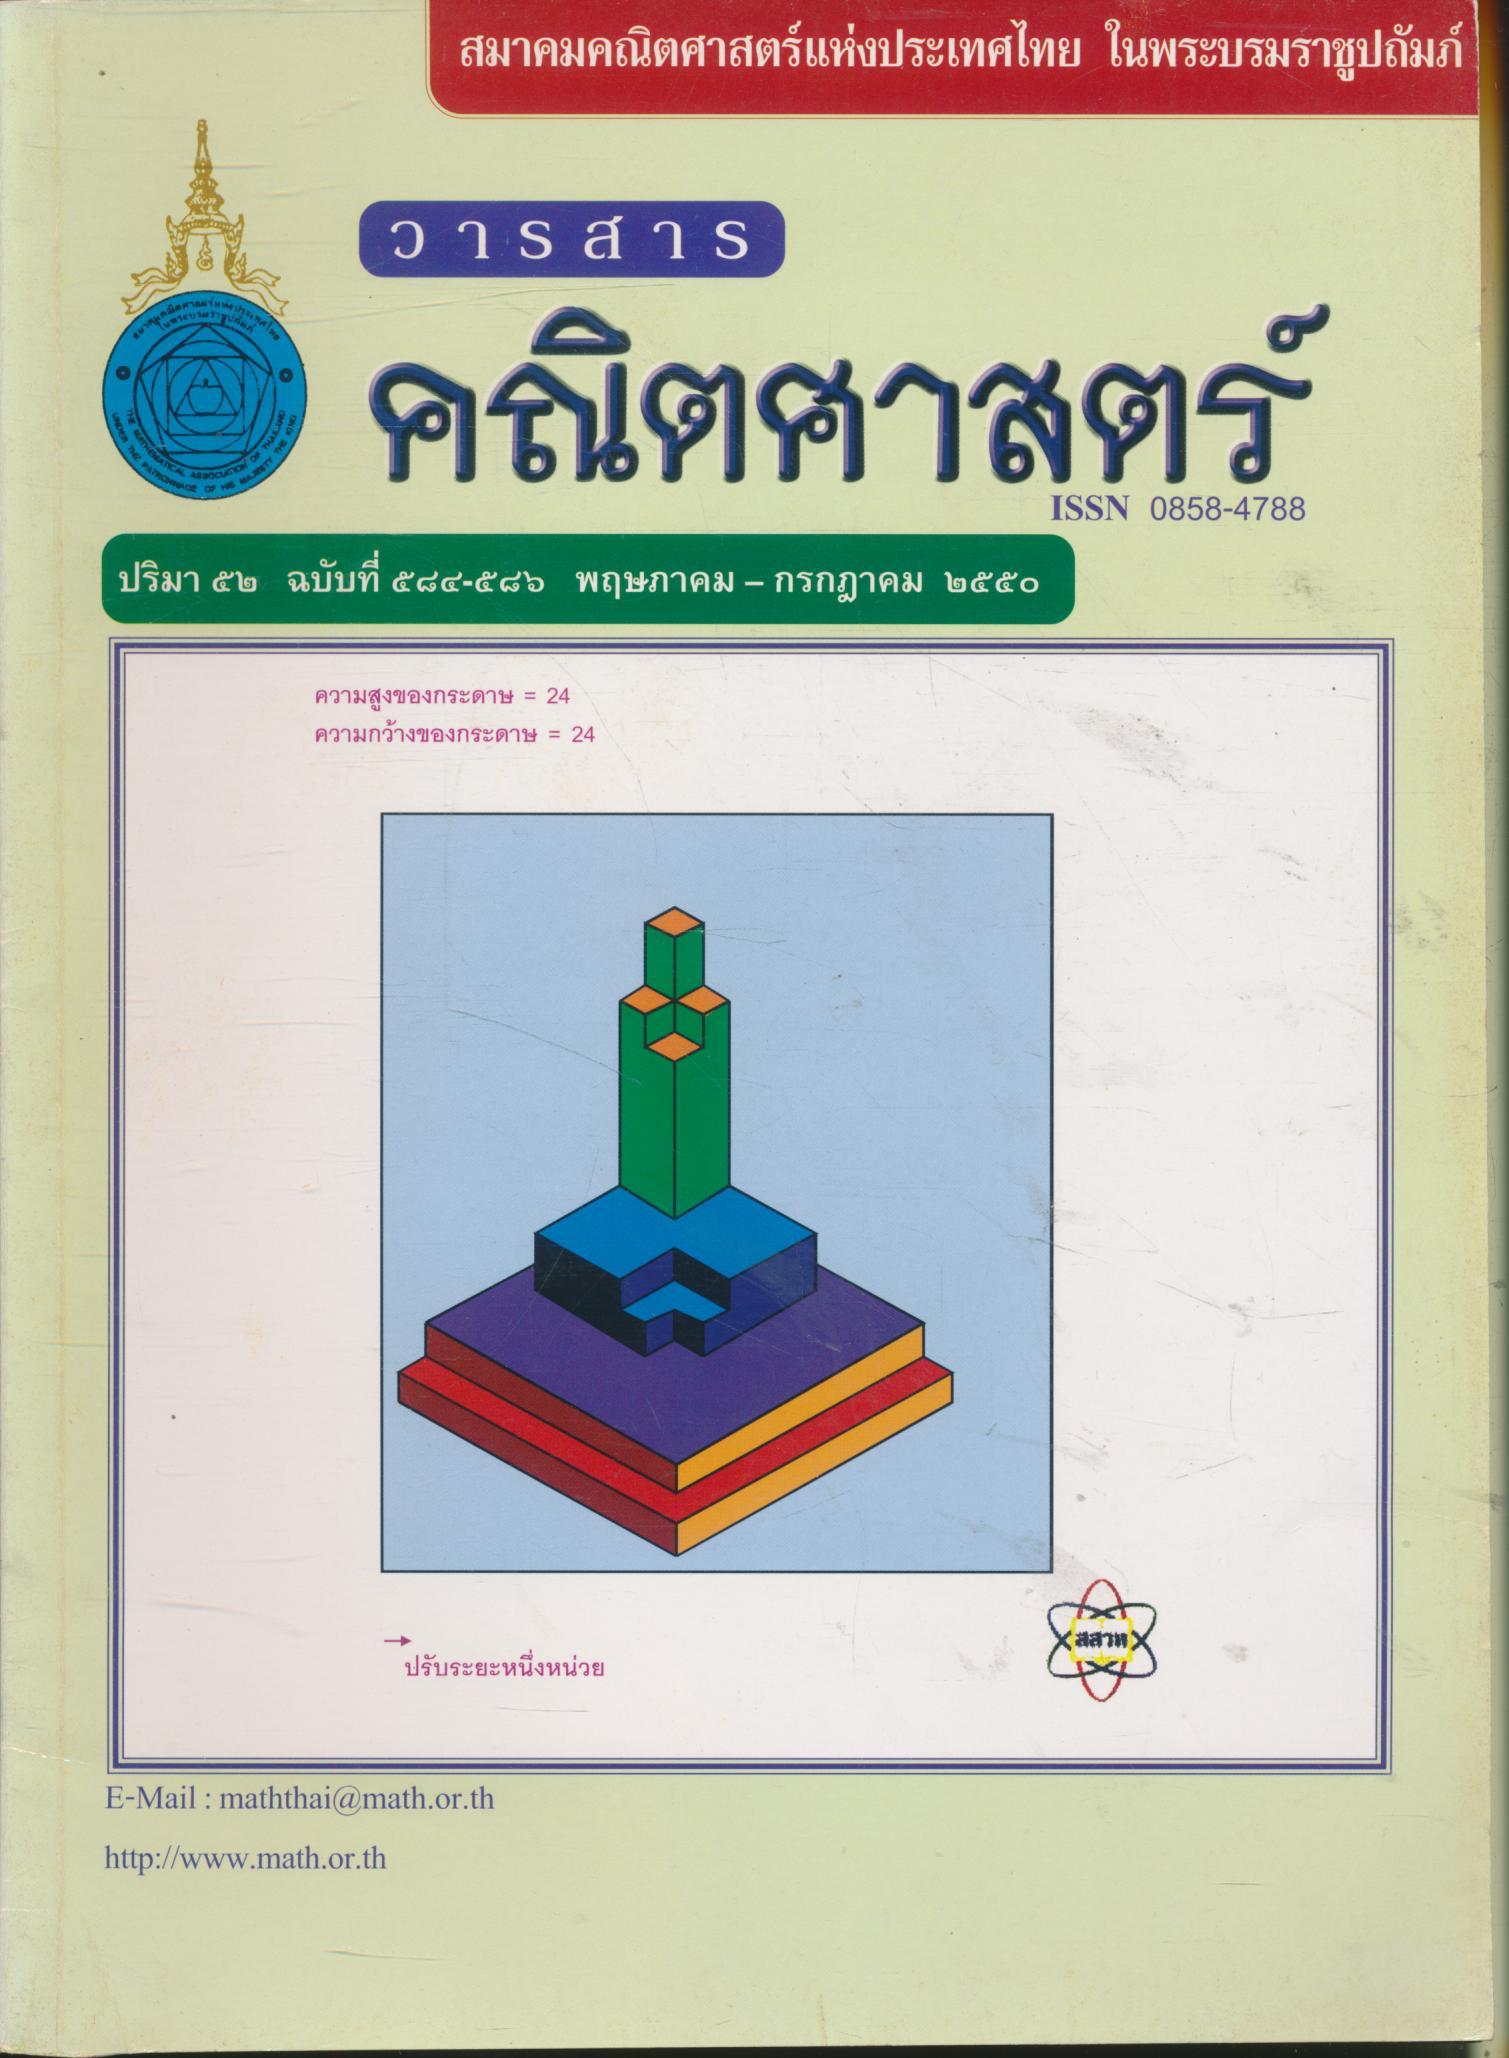 วารสารคณิตศาสตร์ ปริมา ๕๒ ฉบับที่ ๕๘๔-๕๘๖ พฤษภาคม - กรกฎาคม ๒๕๕๐ - 224books  : Inspired by LnwShop.com